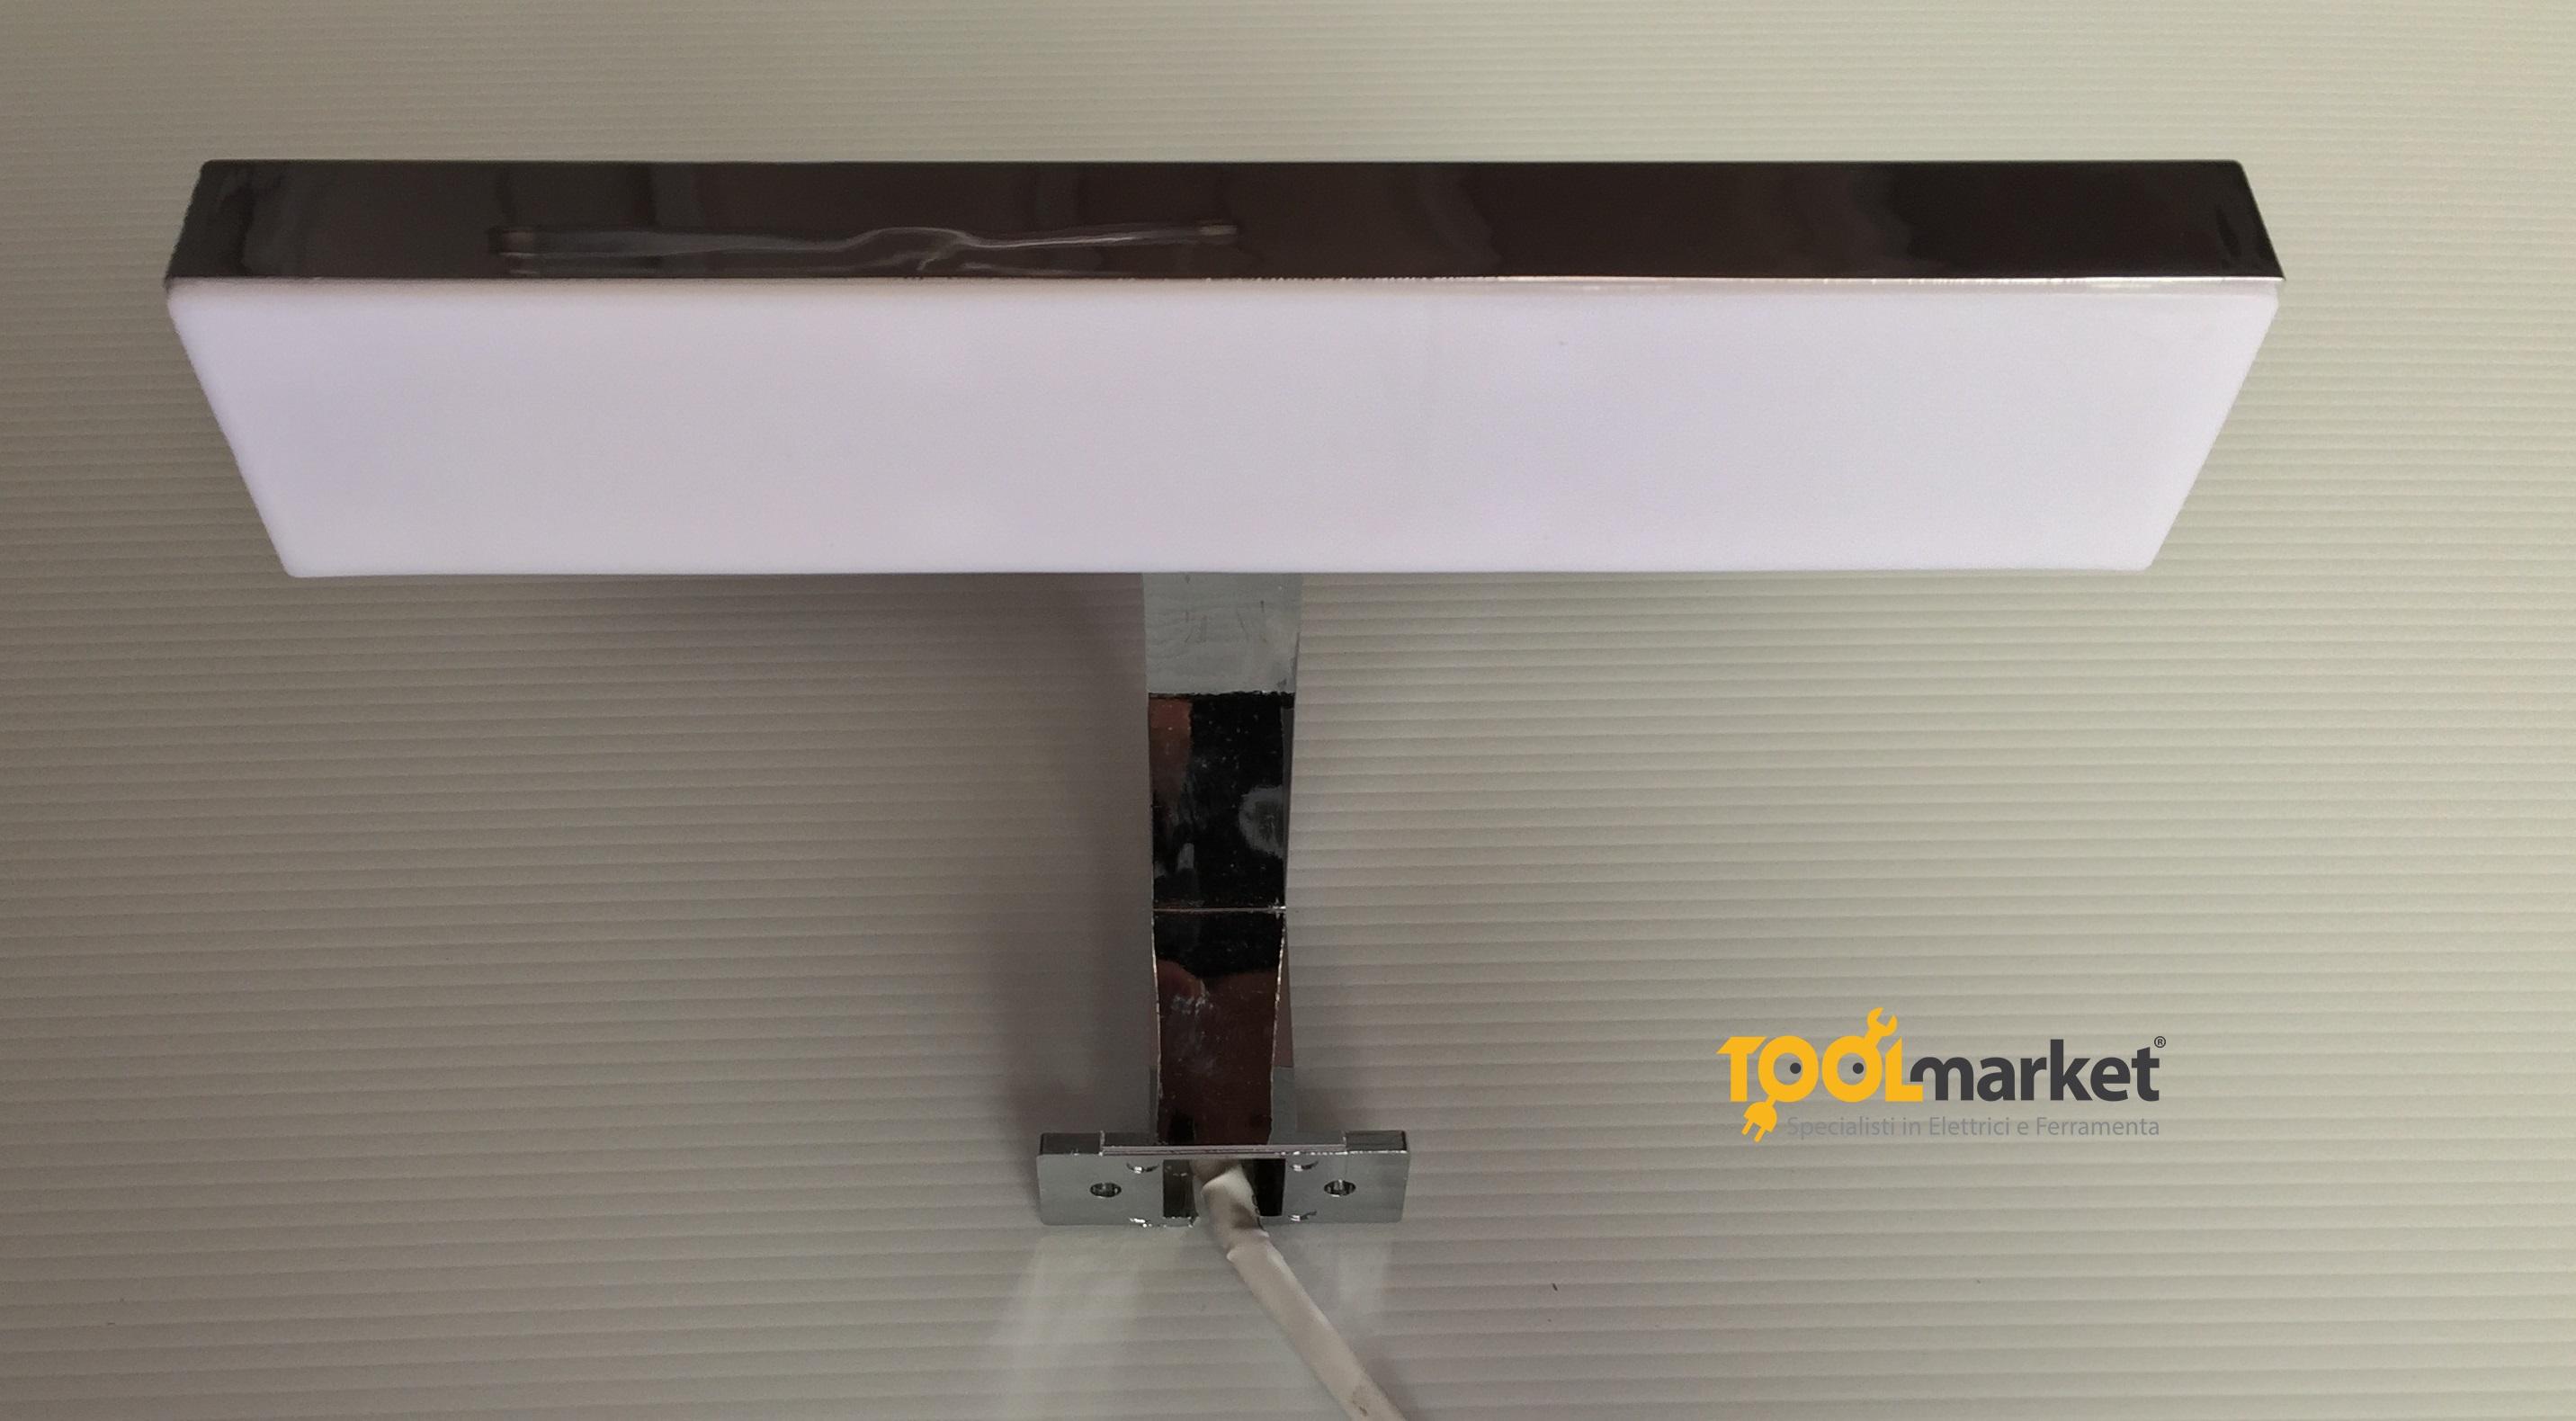 Applique da bagno led fa lamp miglior prezzo online su - Applique bagno led ...